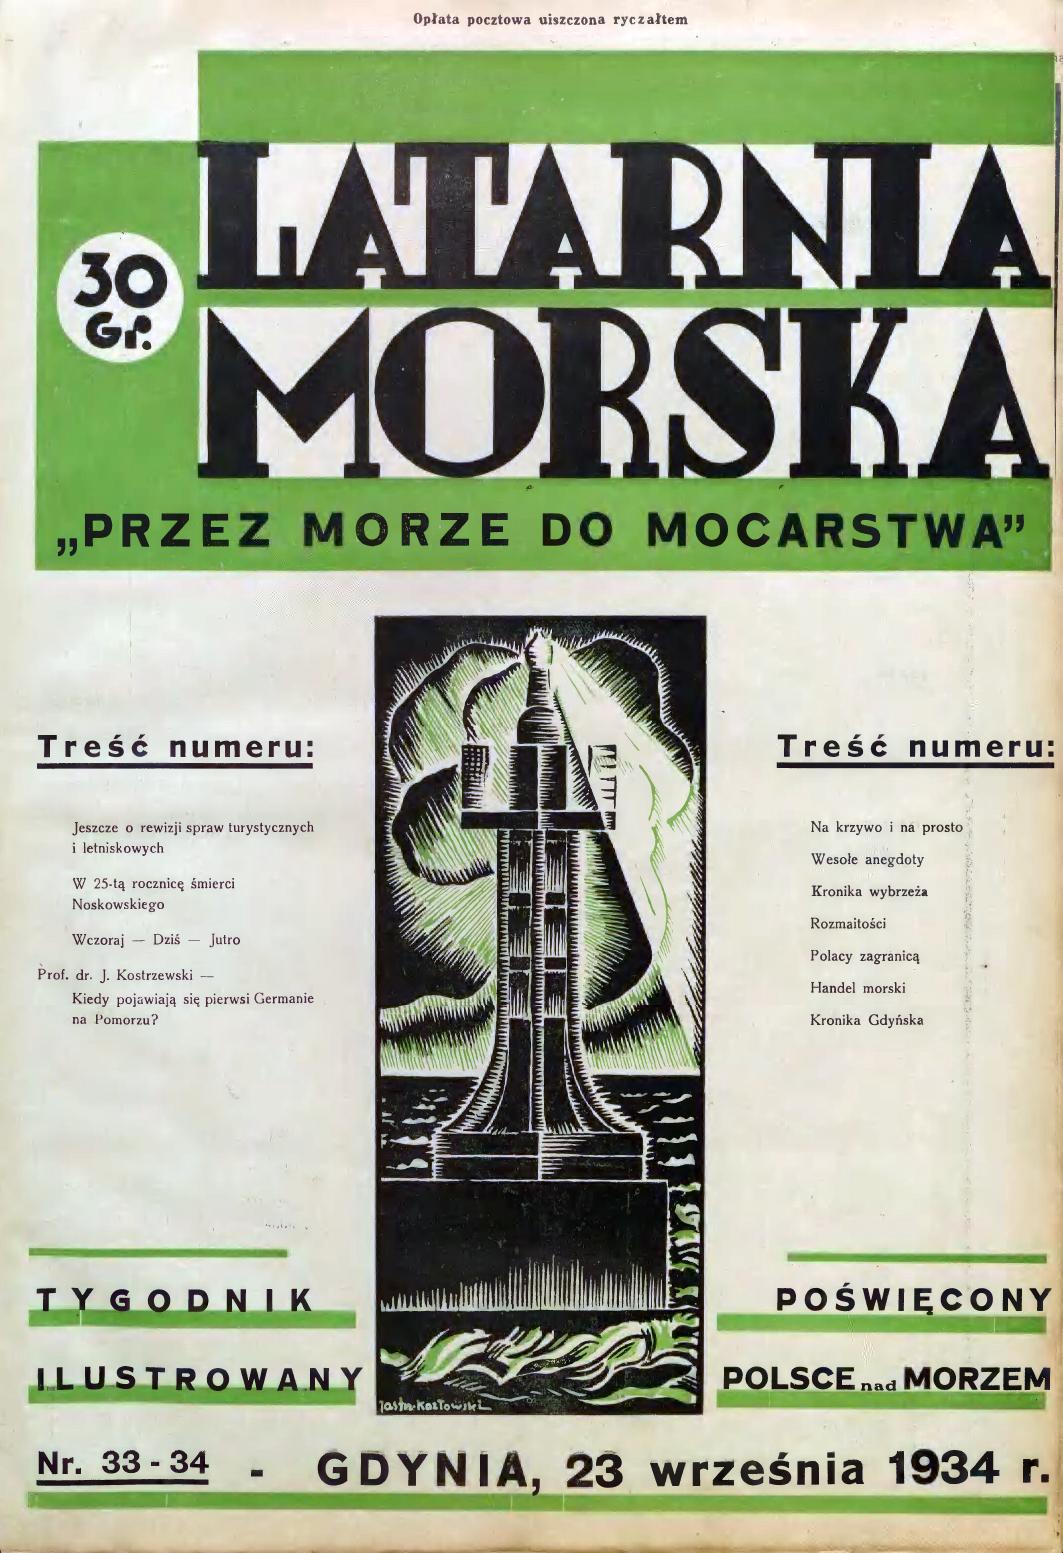 Latarnia Morska: tygodnik ilustrowany poświęcony Polsce nad morzem. – Gdynia : Balto Polak – Zakłady Graficzne i Wydawnicze, 1934, nr 33